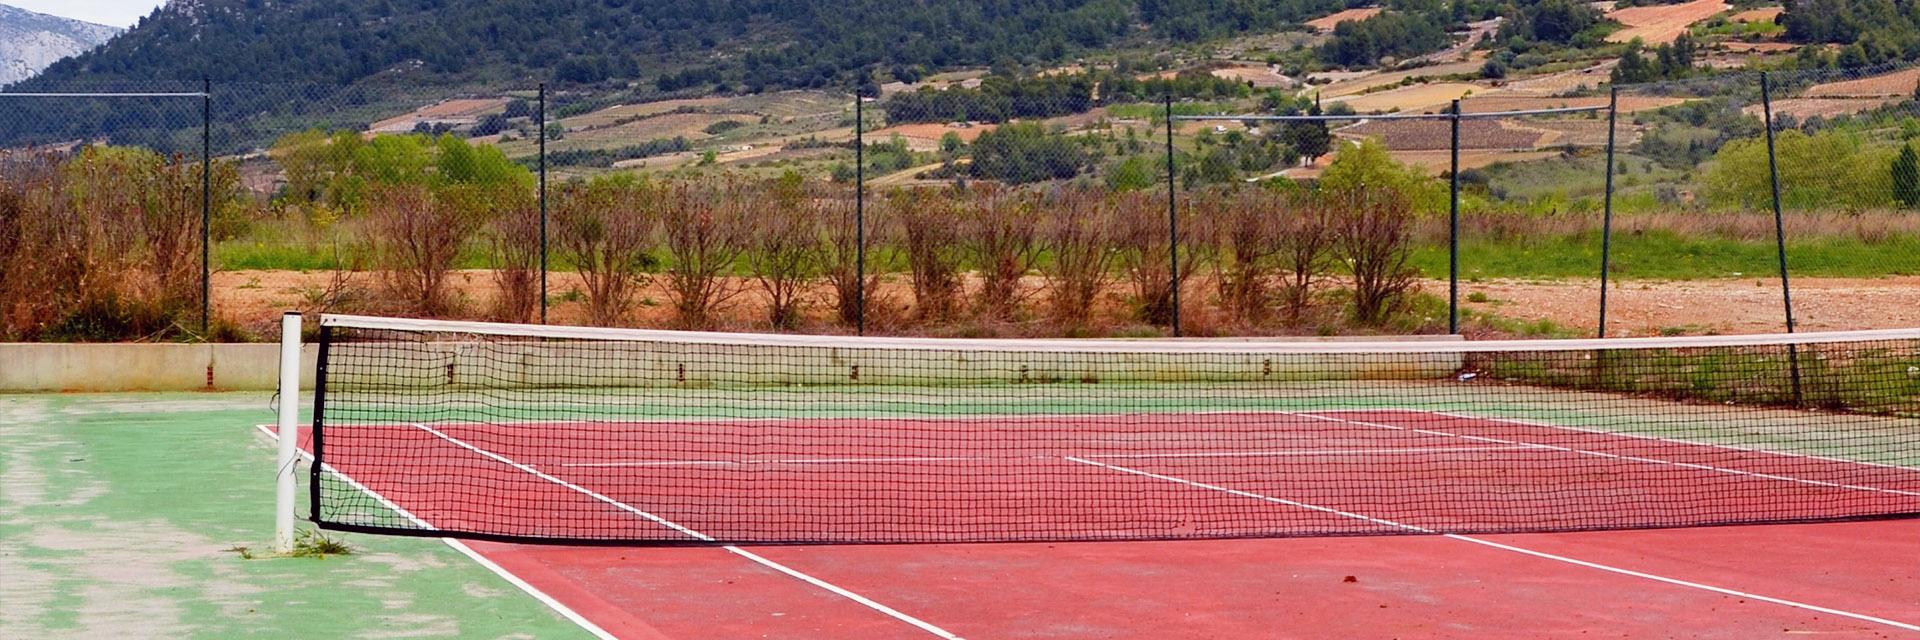 Village_club_vacances_normandie-et-cote-d-opale-torre-del-far-tennis